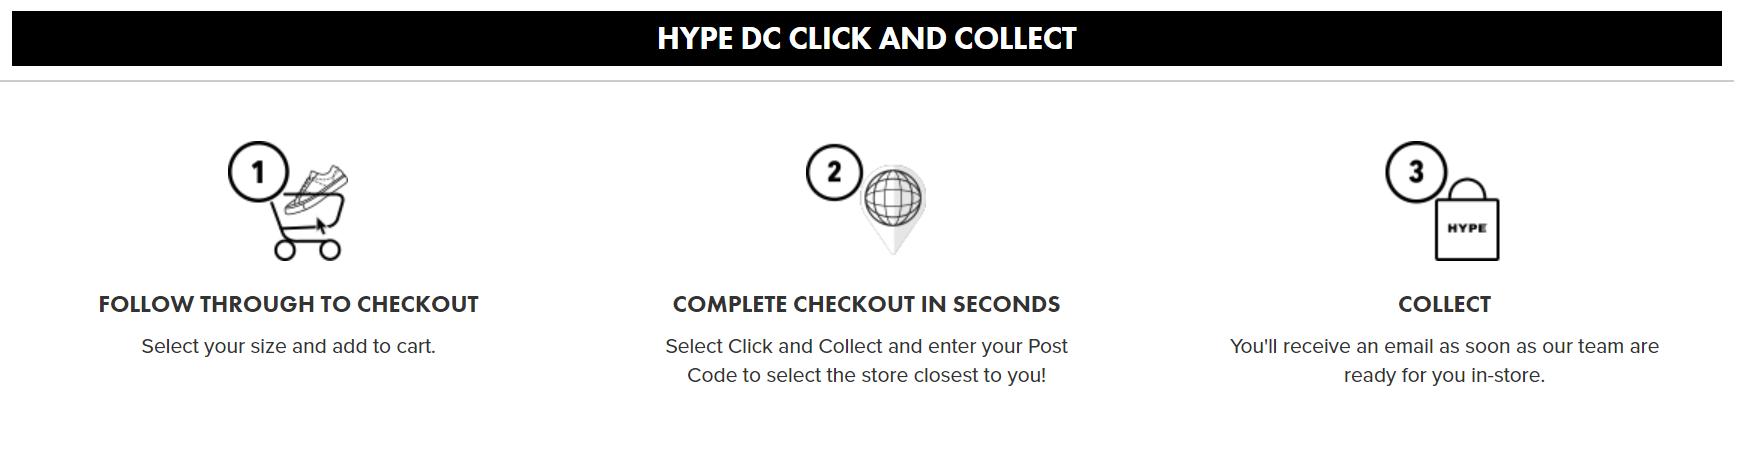 Hype DC click